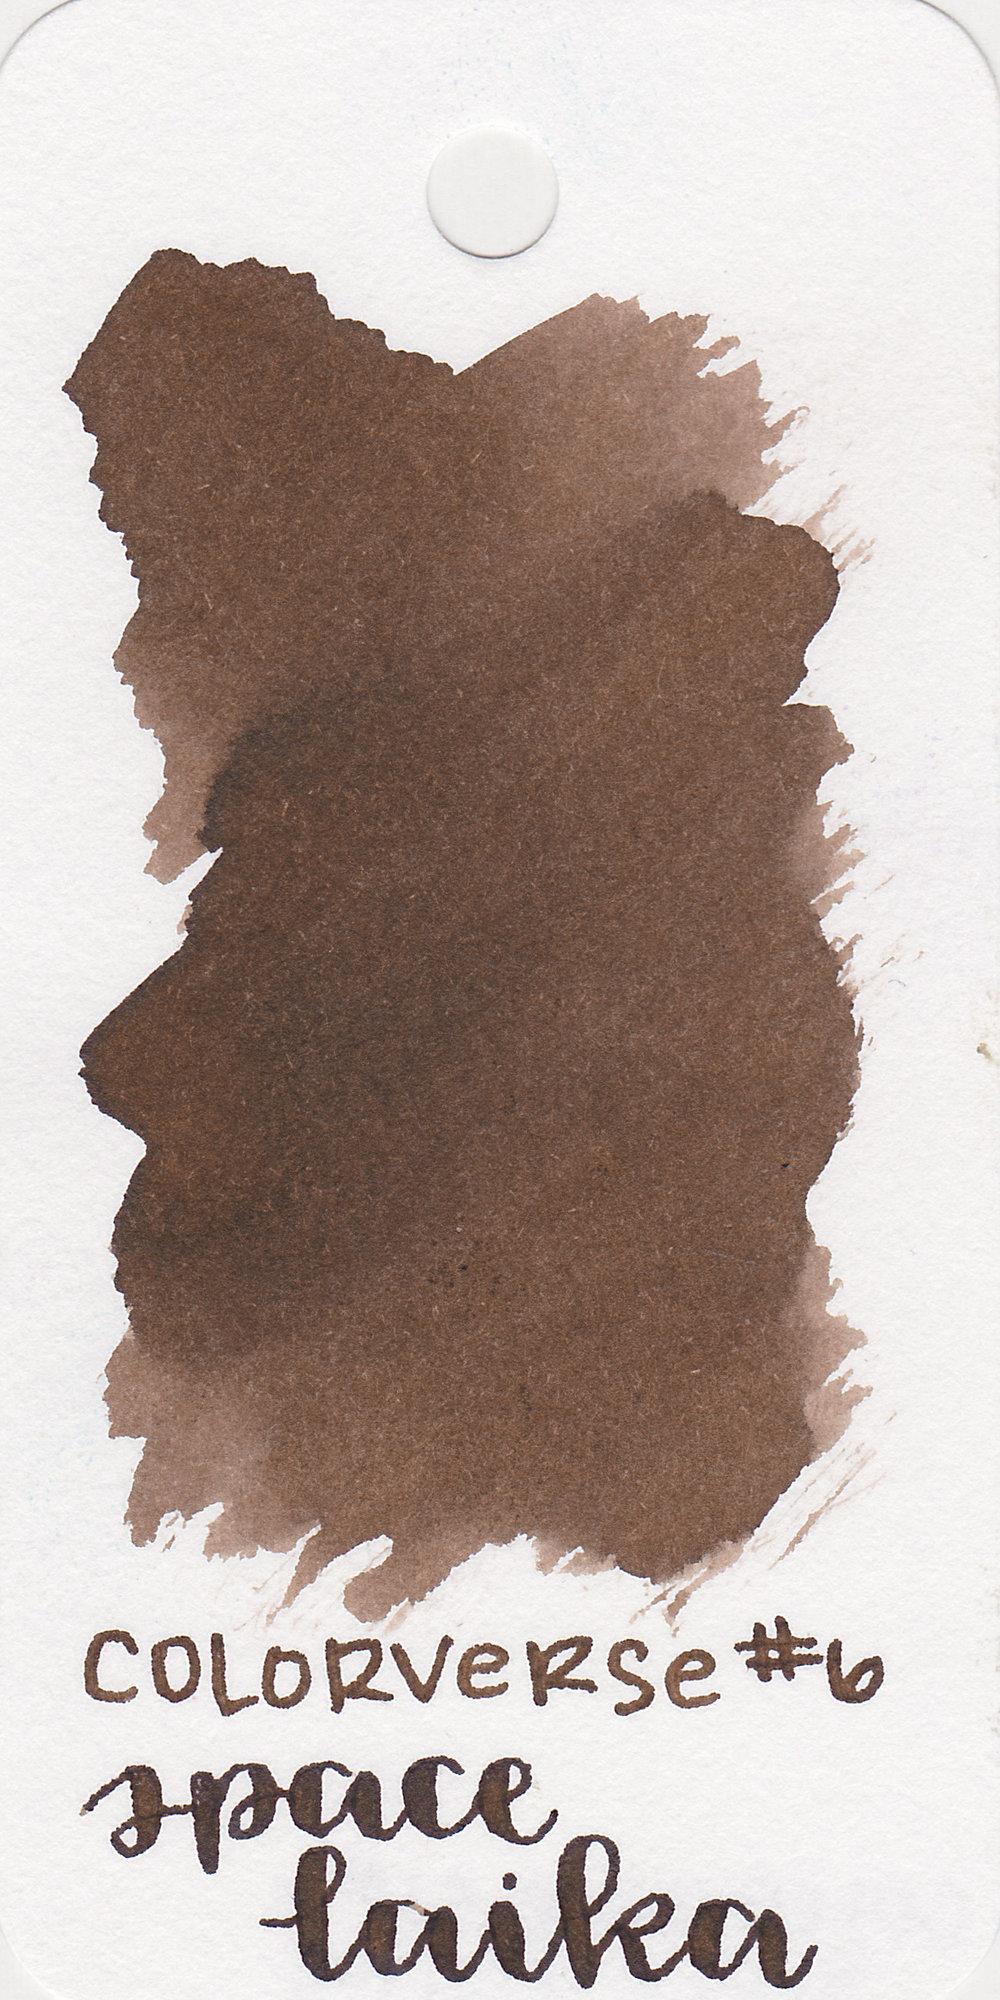 cv-space-laika-1.jpg